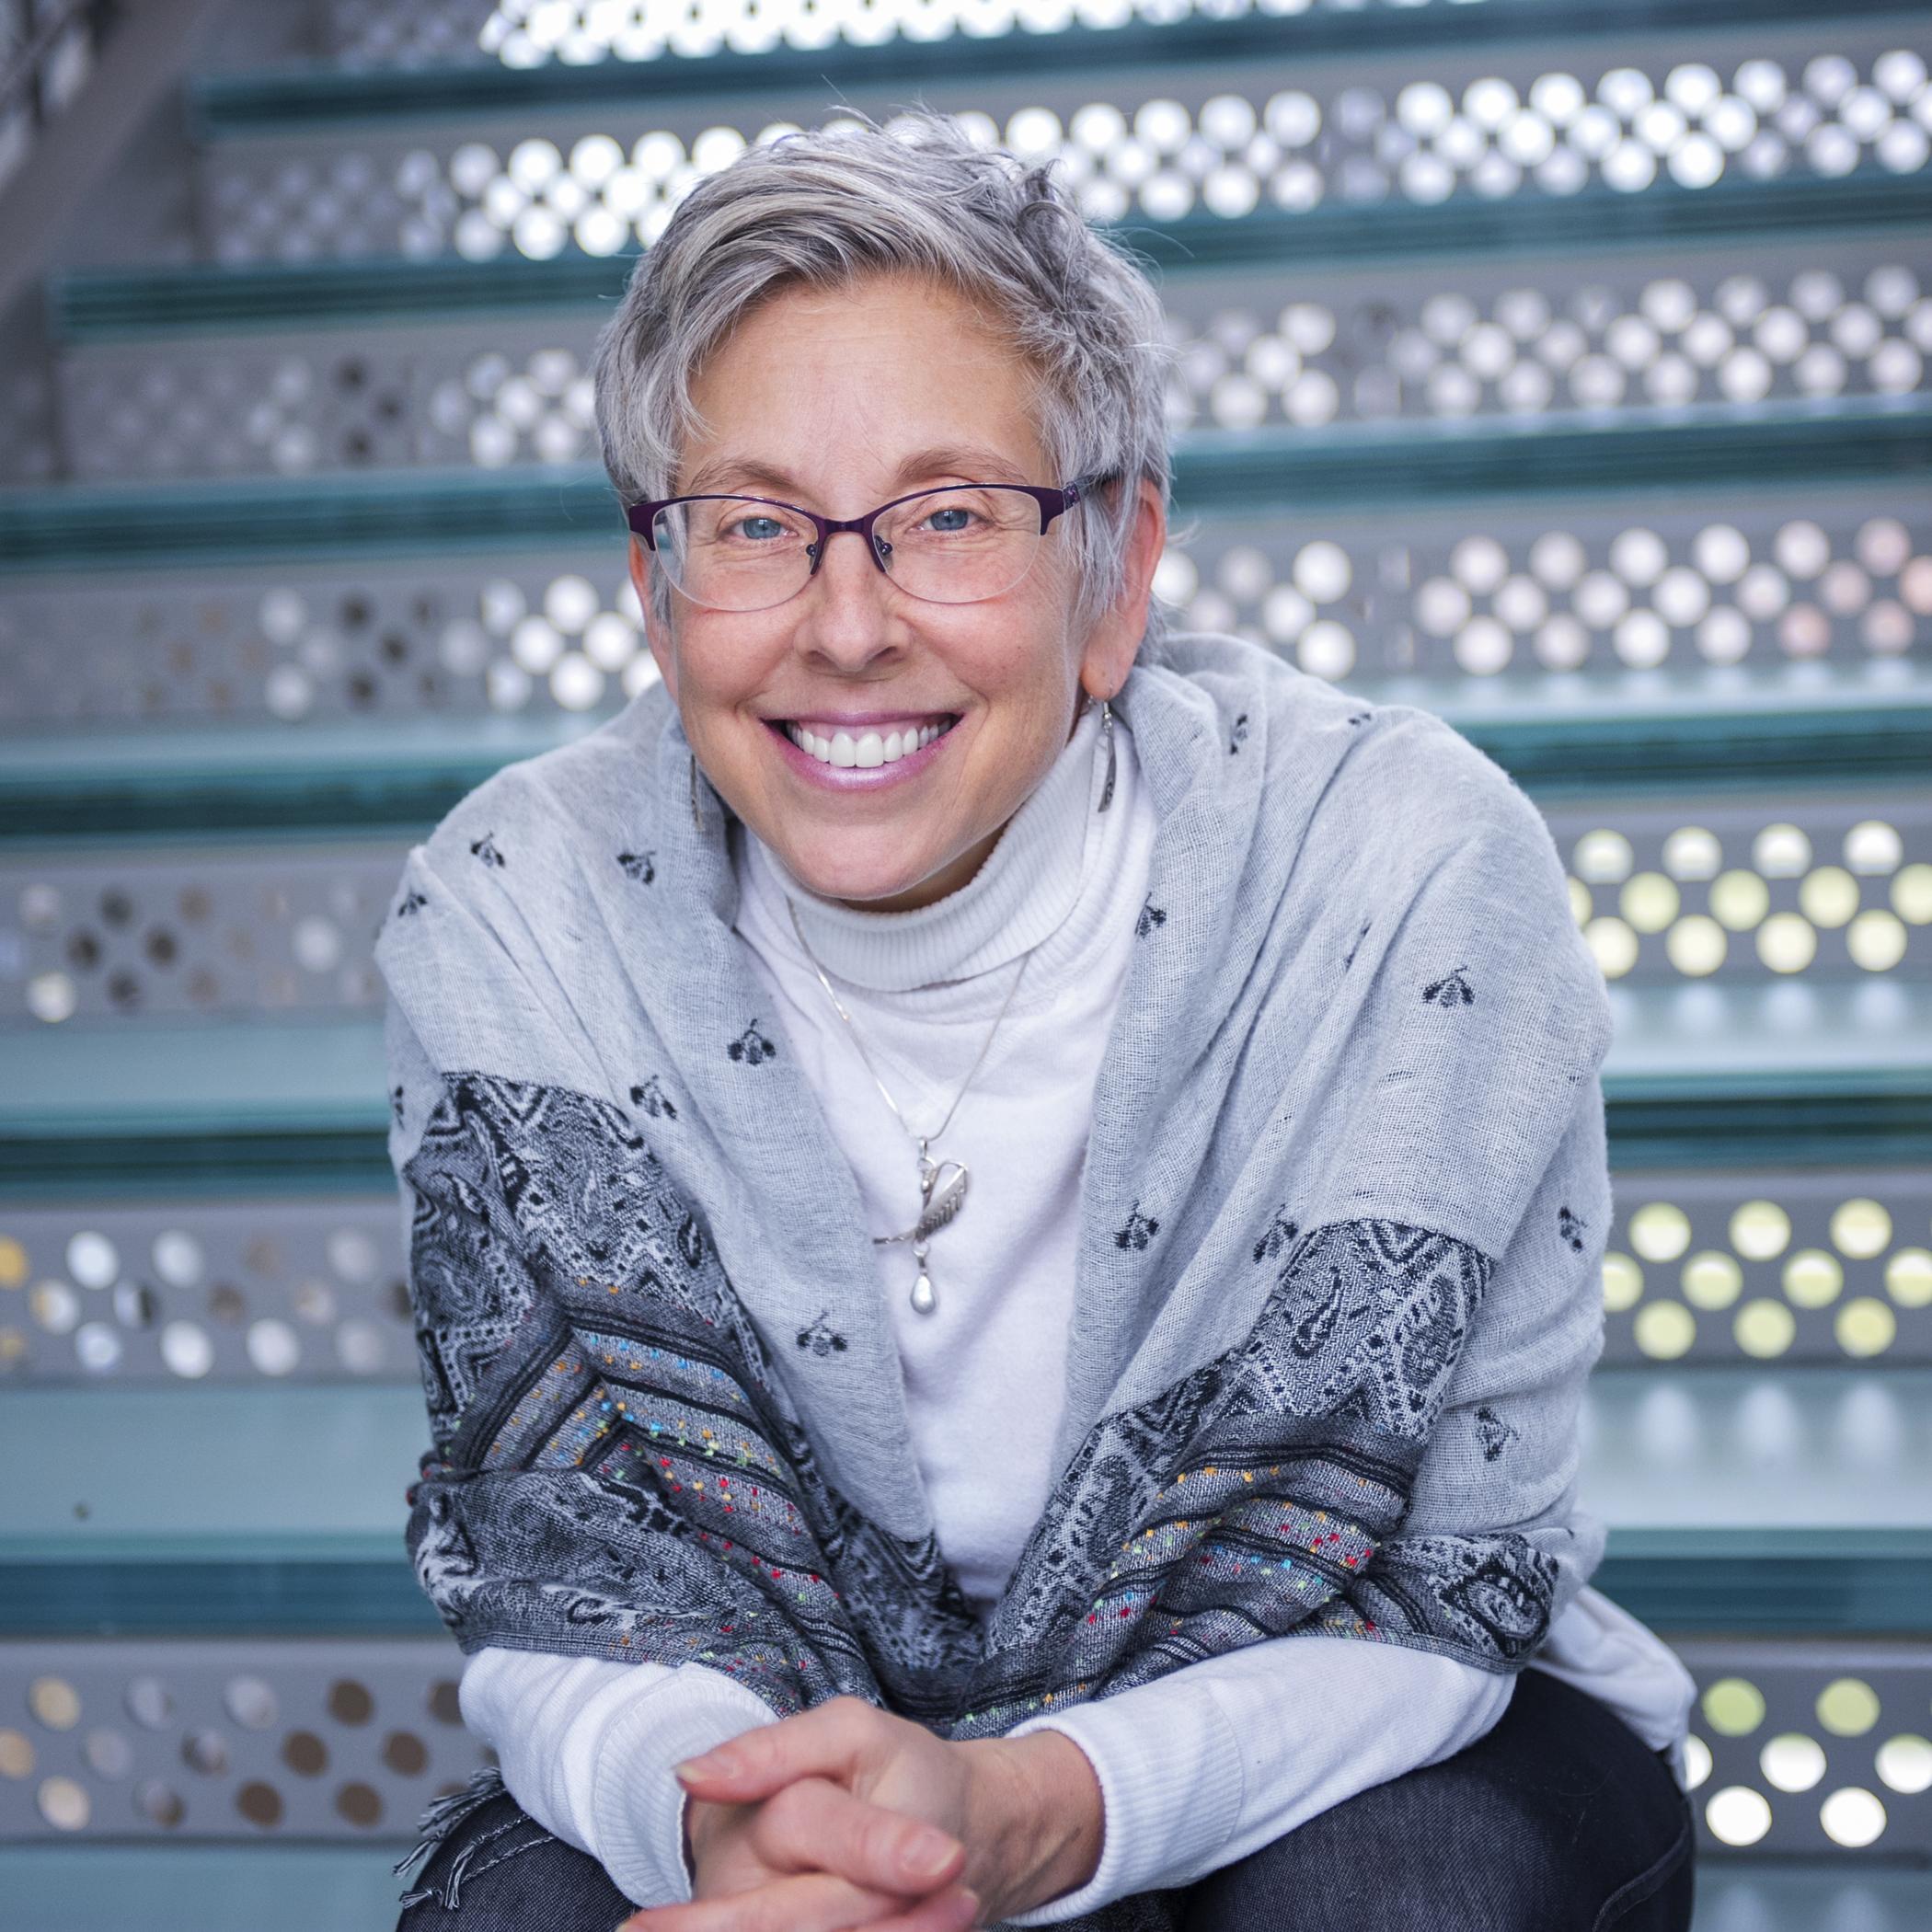 Hilary Kahn